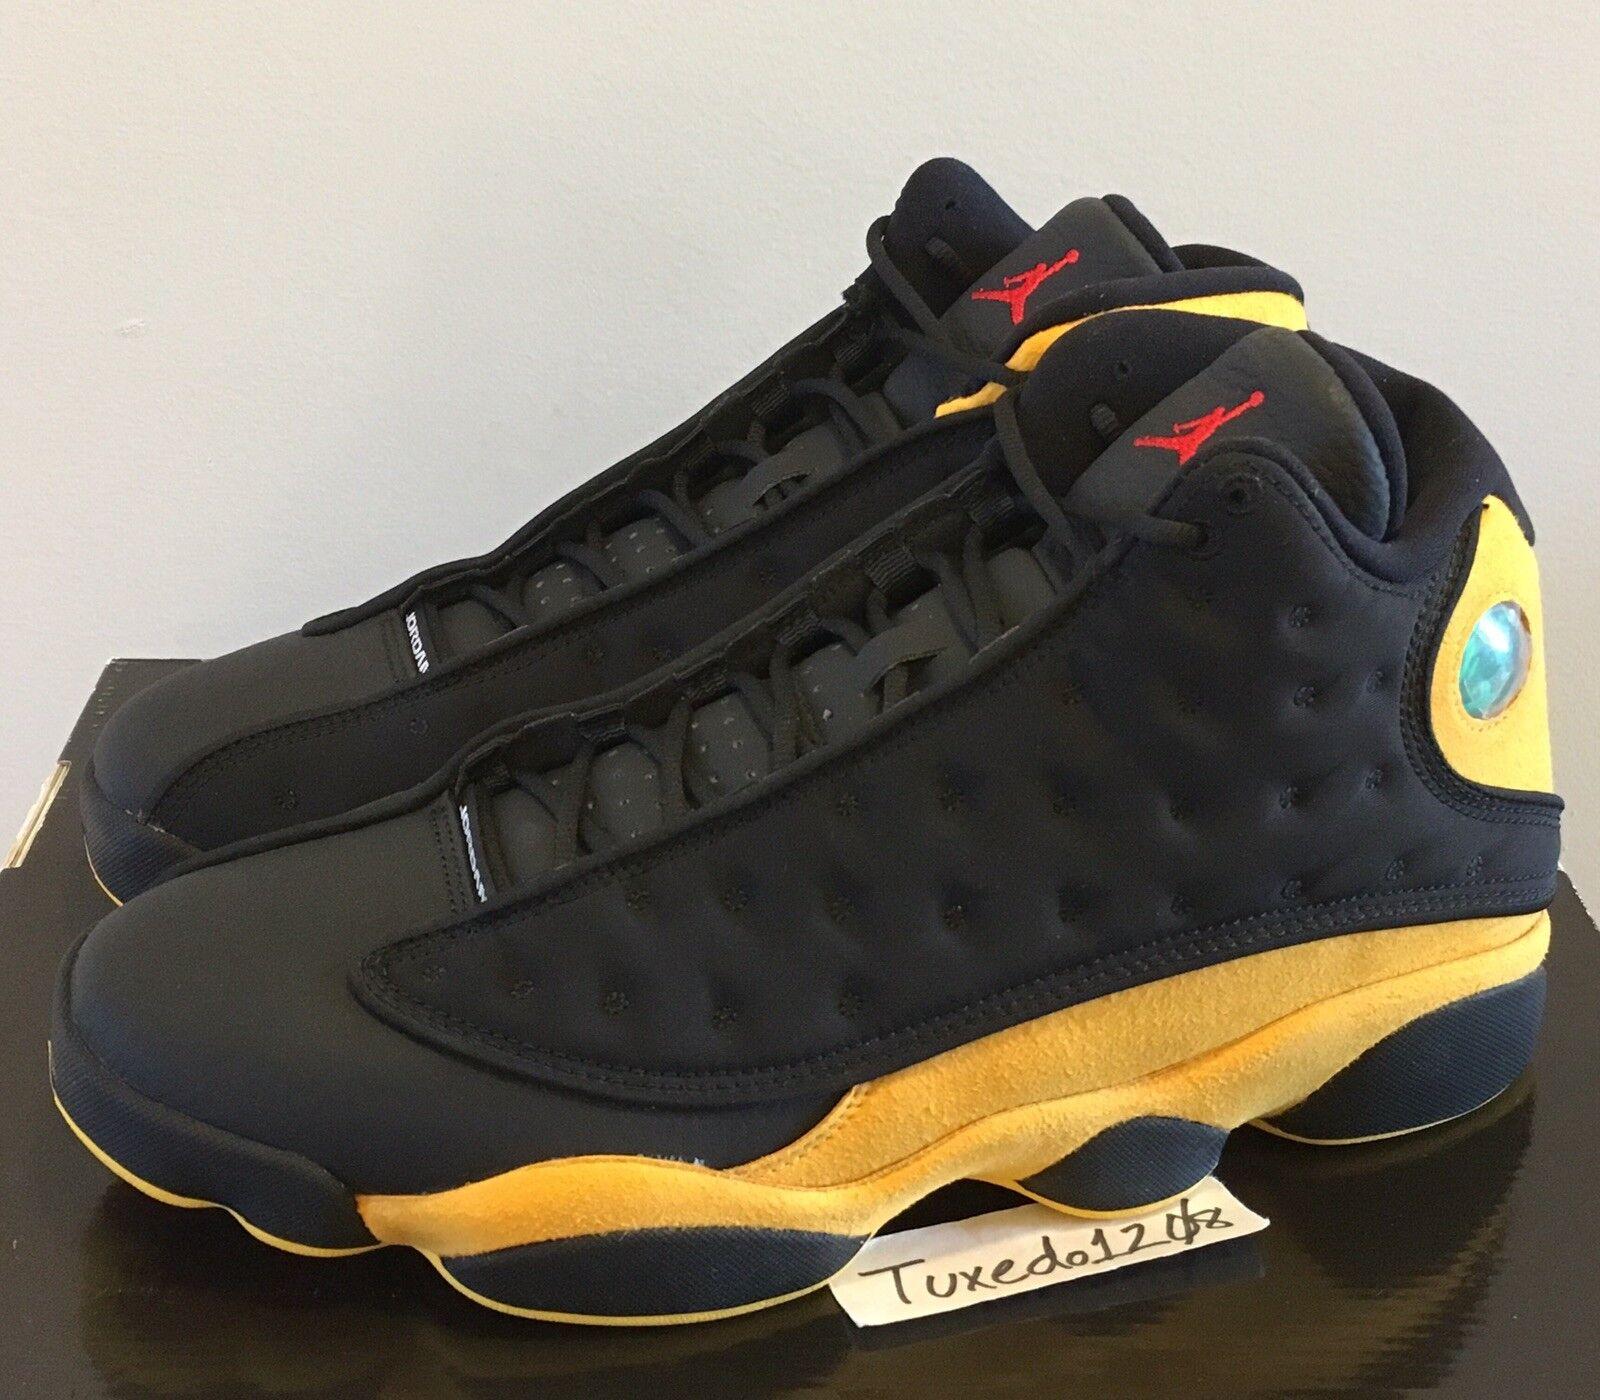 f26c7a0a5a7540 DS Nike Air Jordan XIII 13 13 13 sz12 Melo Class of 2002 i iii iv xi ...